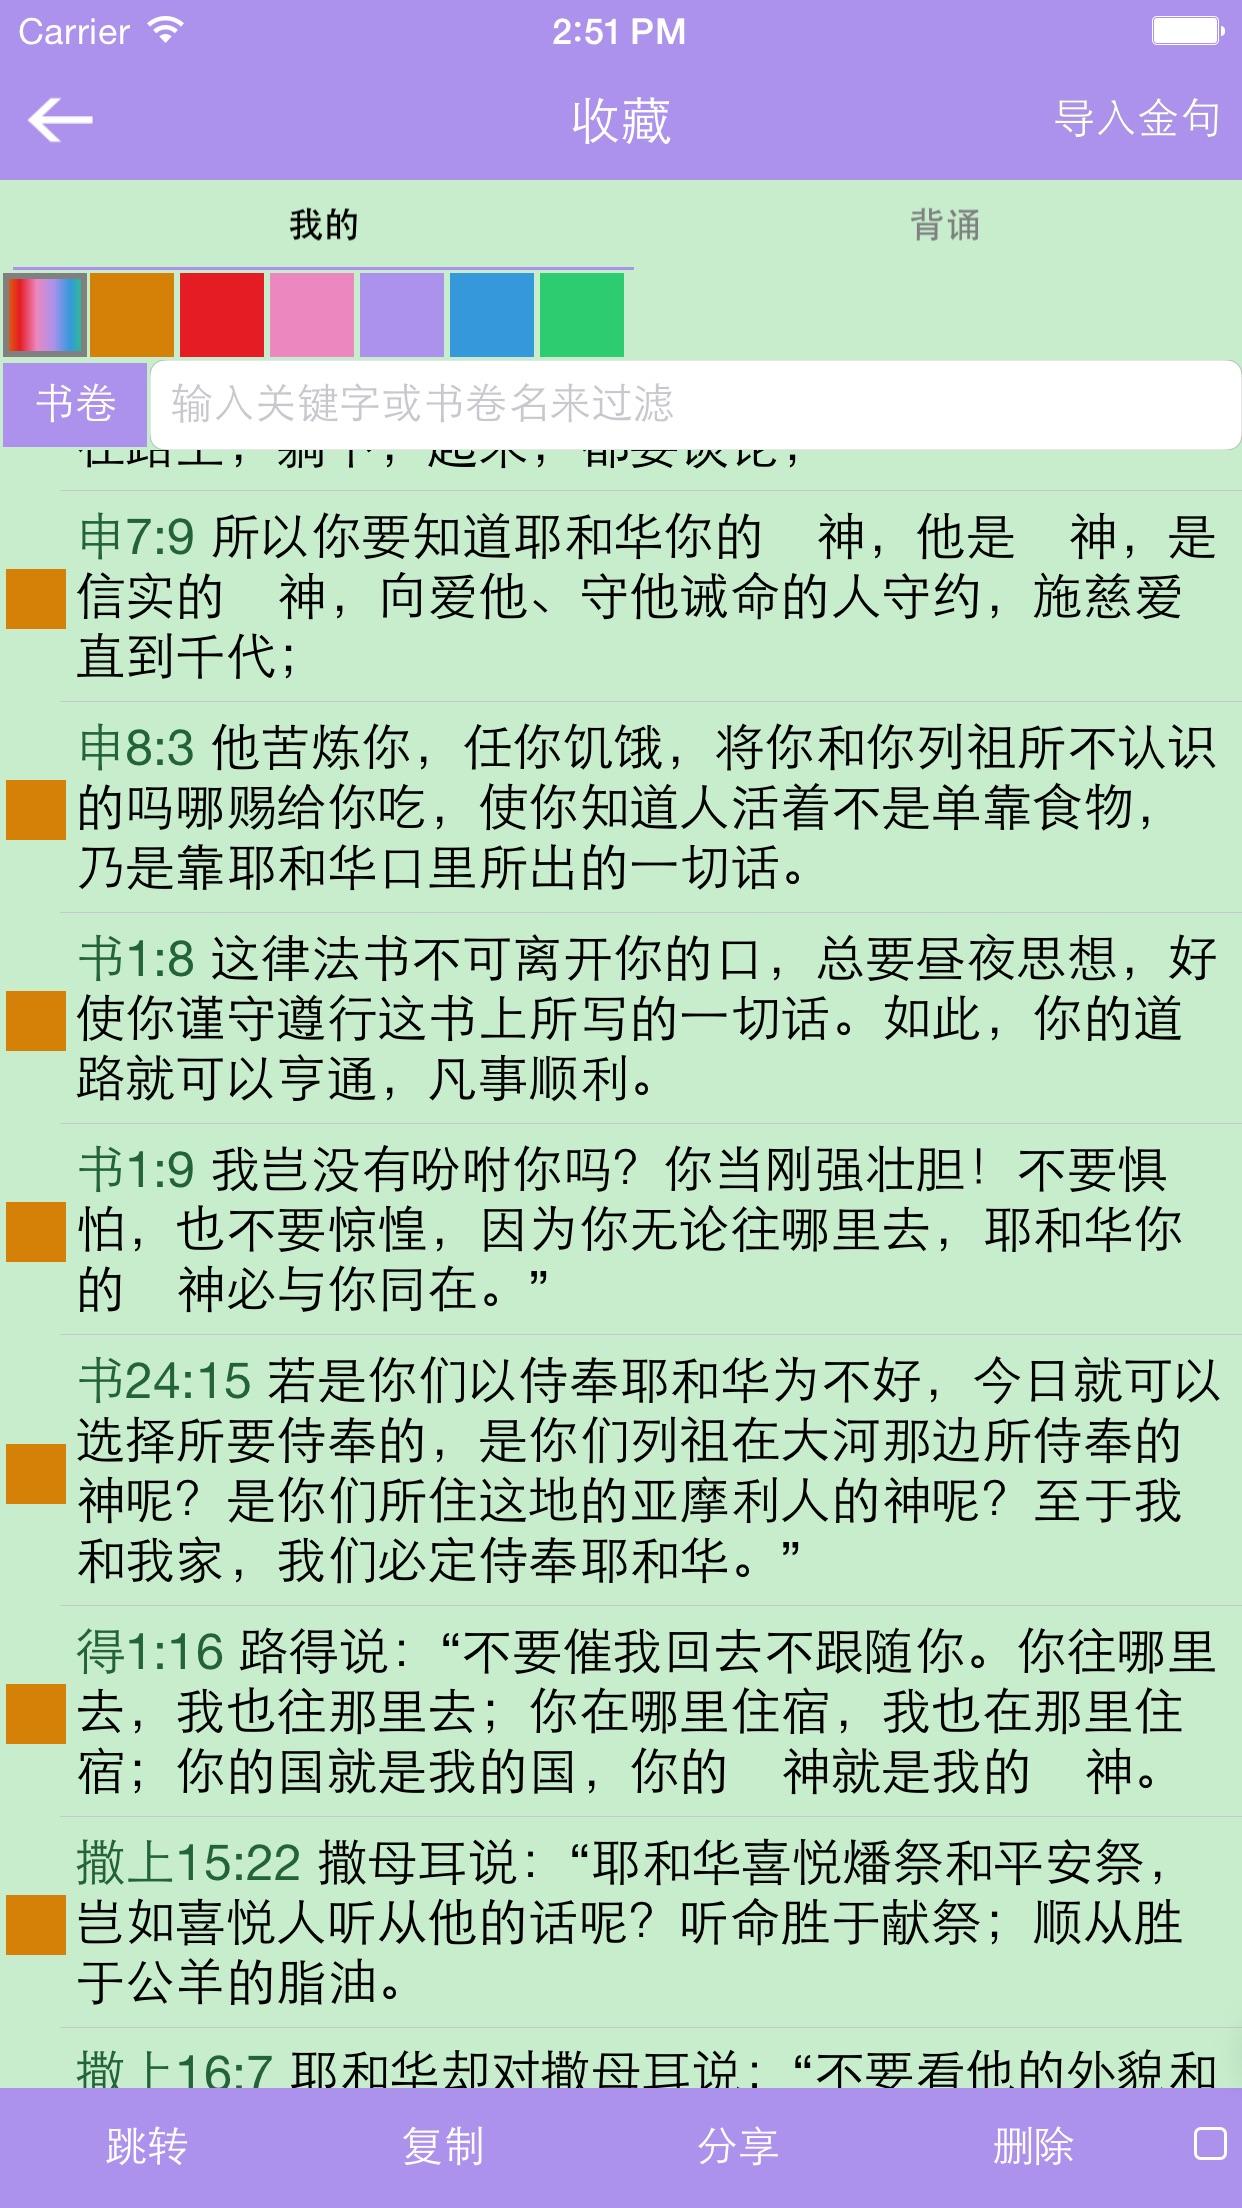 精读圣经 Screenshot